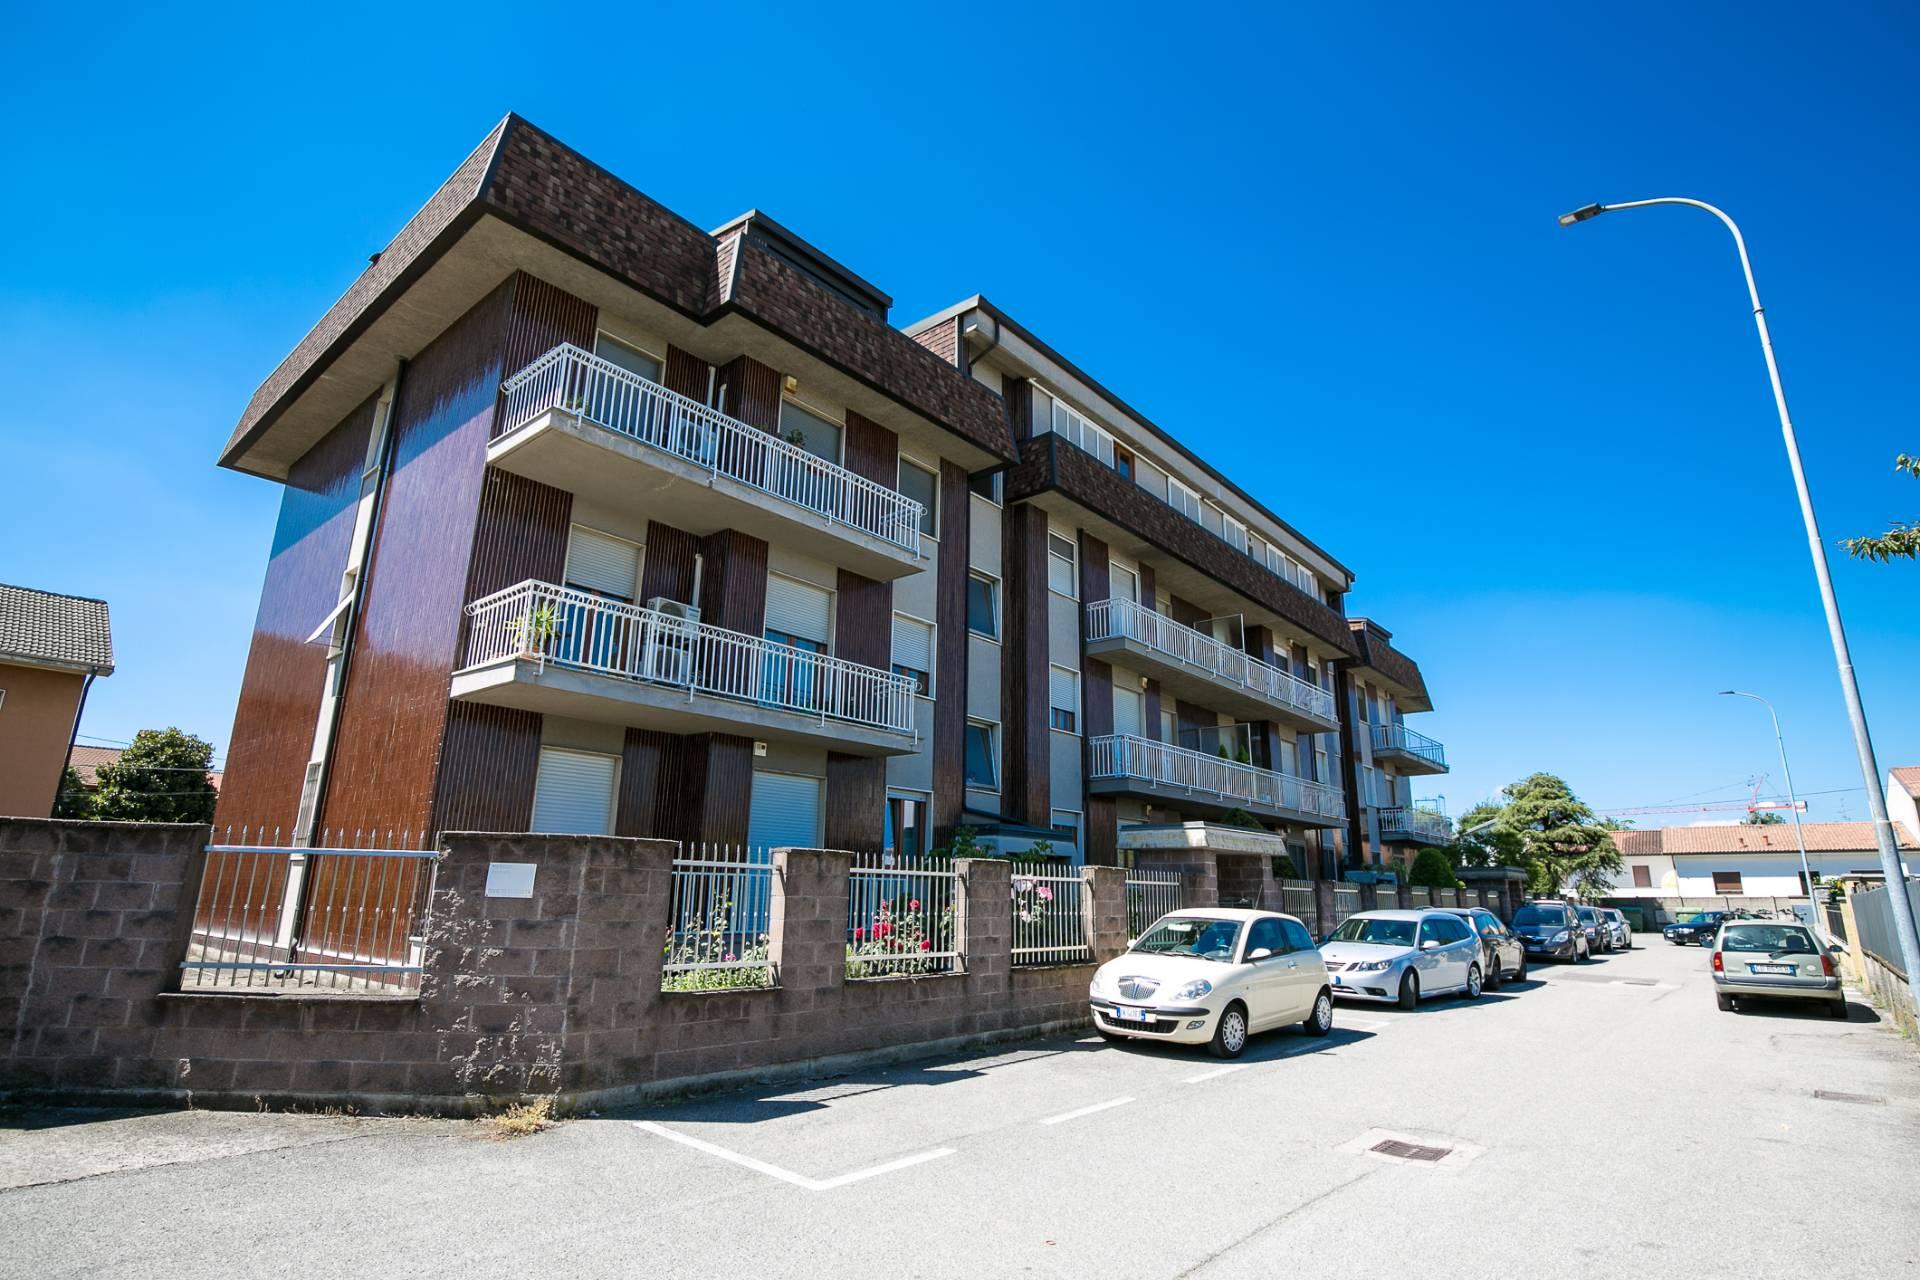 Appartamento in vendita a Origgio, 3 locali, prezzo € 160.000 | CambioCasa.it